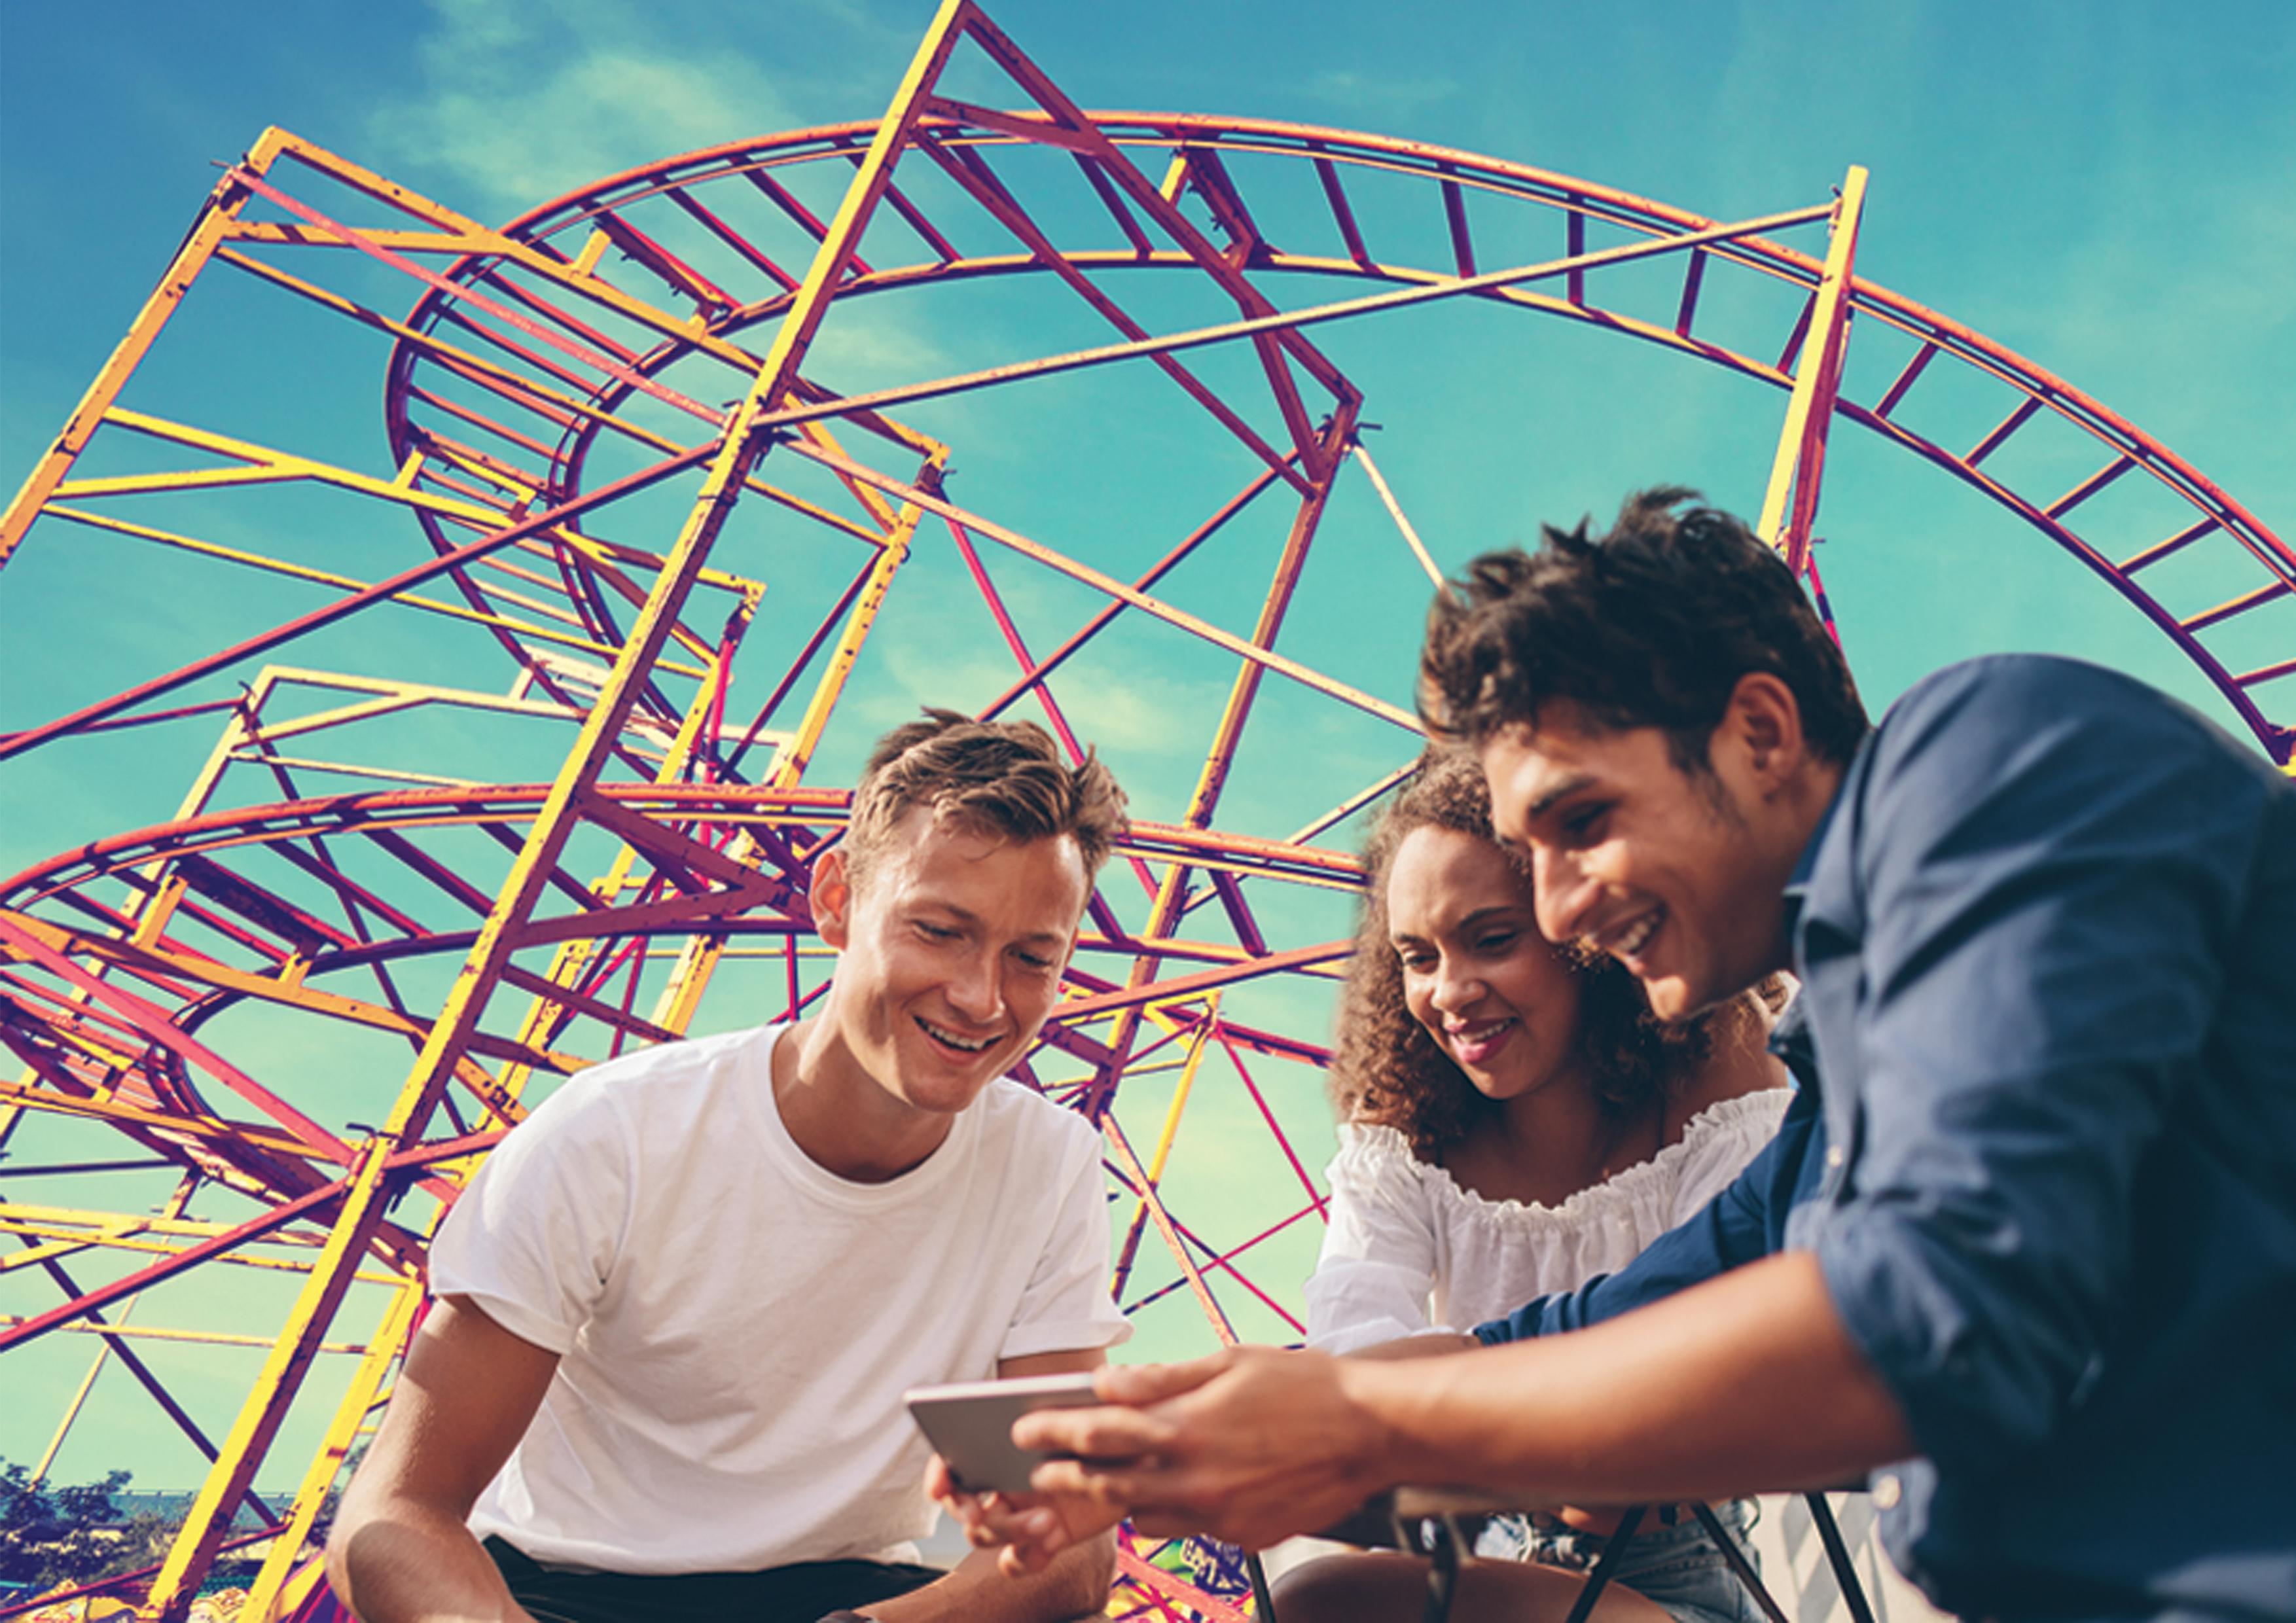 Explorgames Rollercoaster